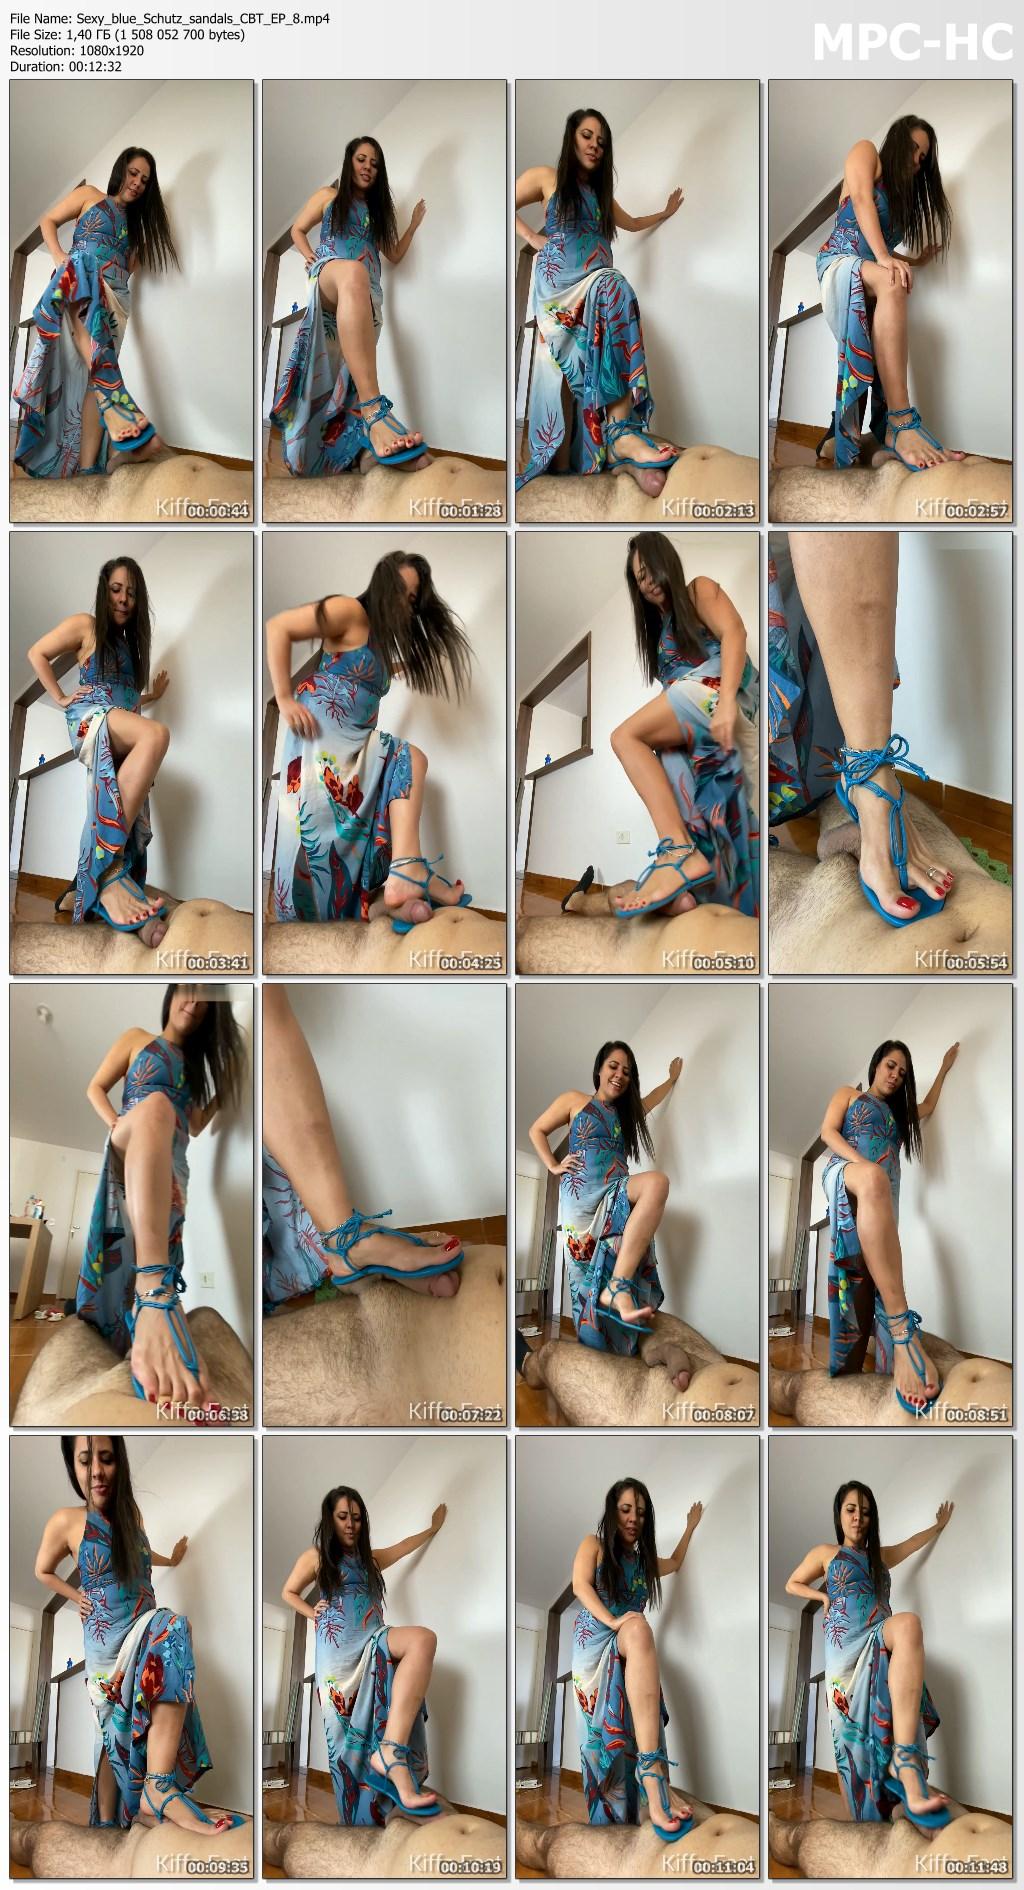 Sexy blue Schutz sandals CBT EP 8.mp4 thumbs